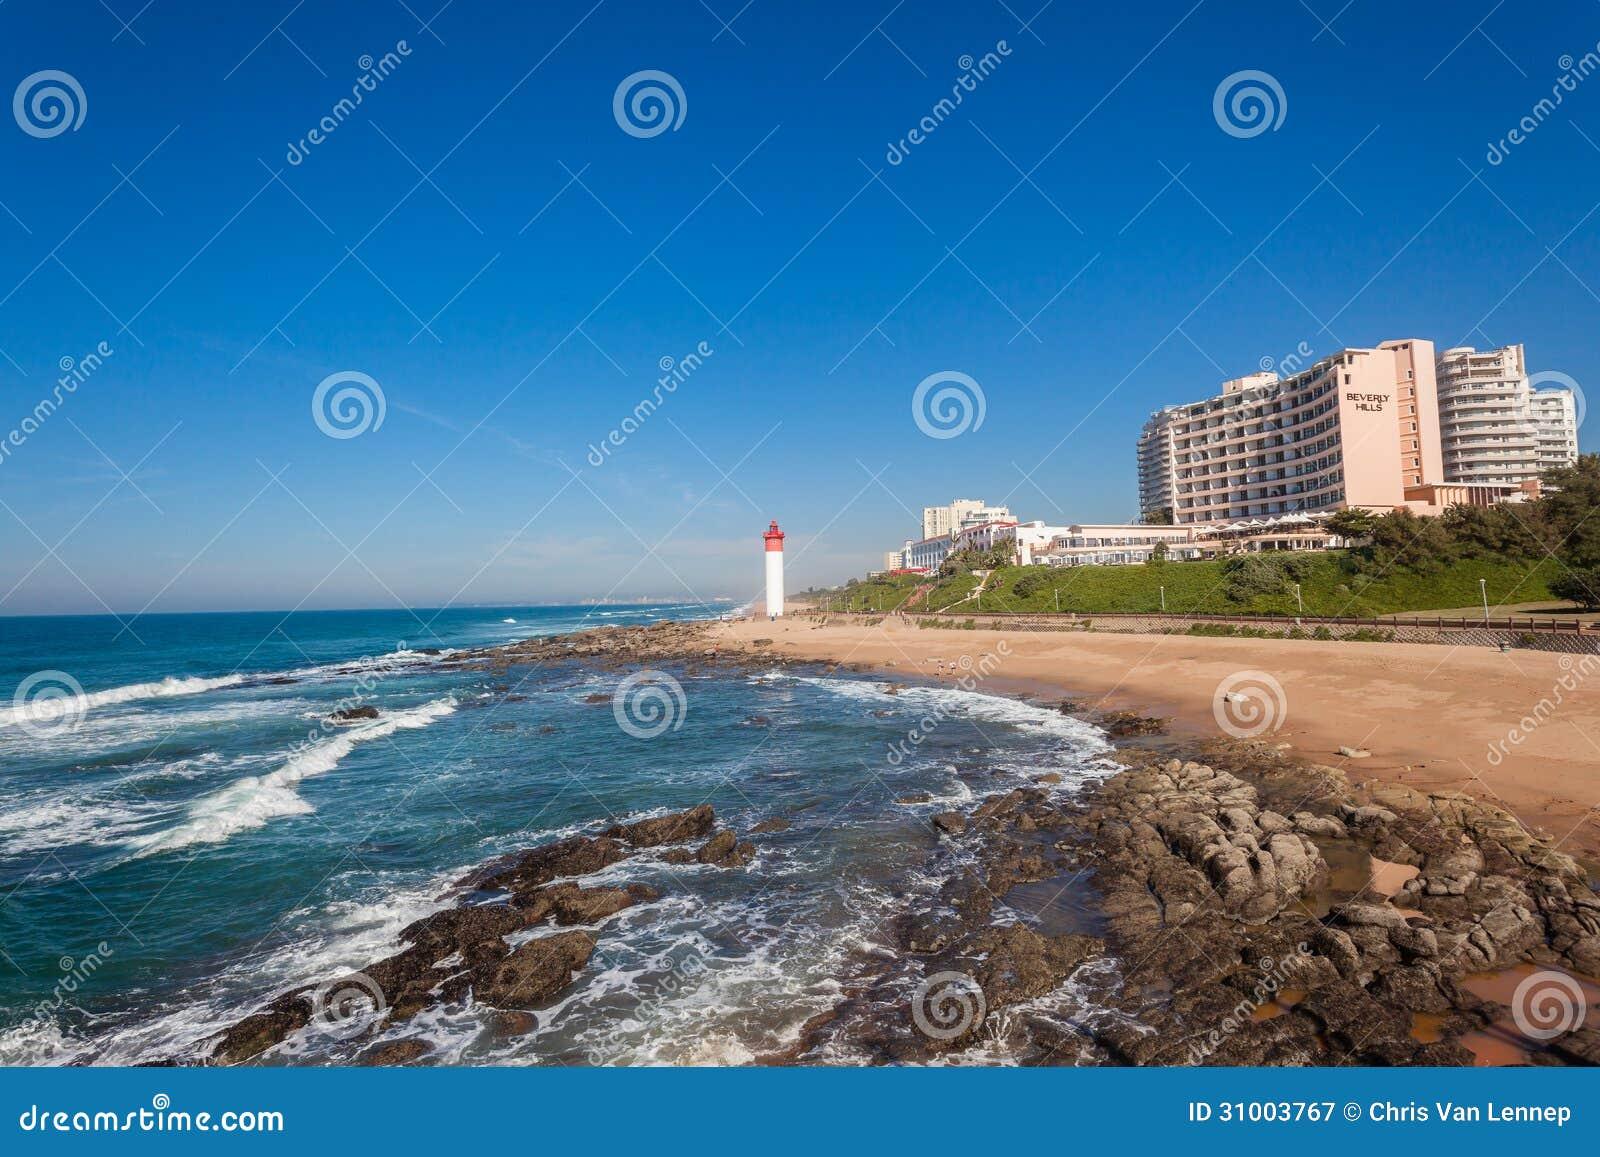 Beverly Hills Hotel Beach Lighthouse Beach Editorial